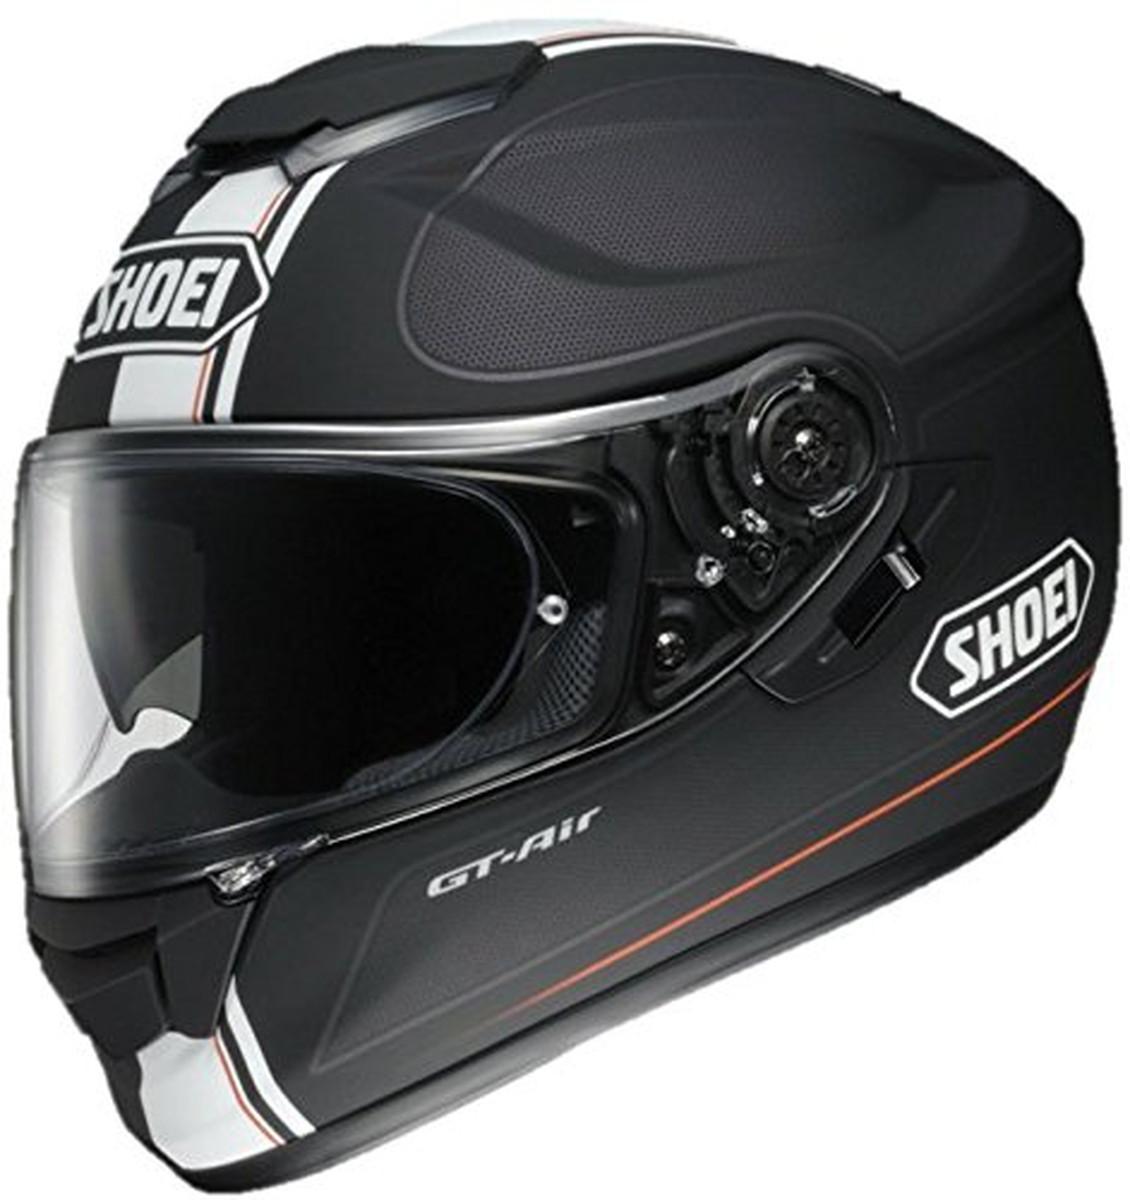 【動画あり】 SHOEI フルフェイスヘルメット GT-AIR WANDERER (ワンダラー) TC-5 Sサイズ